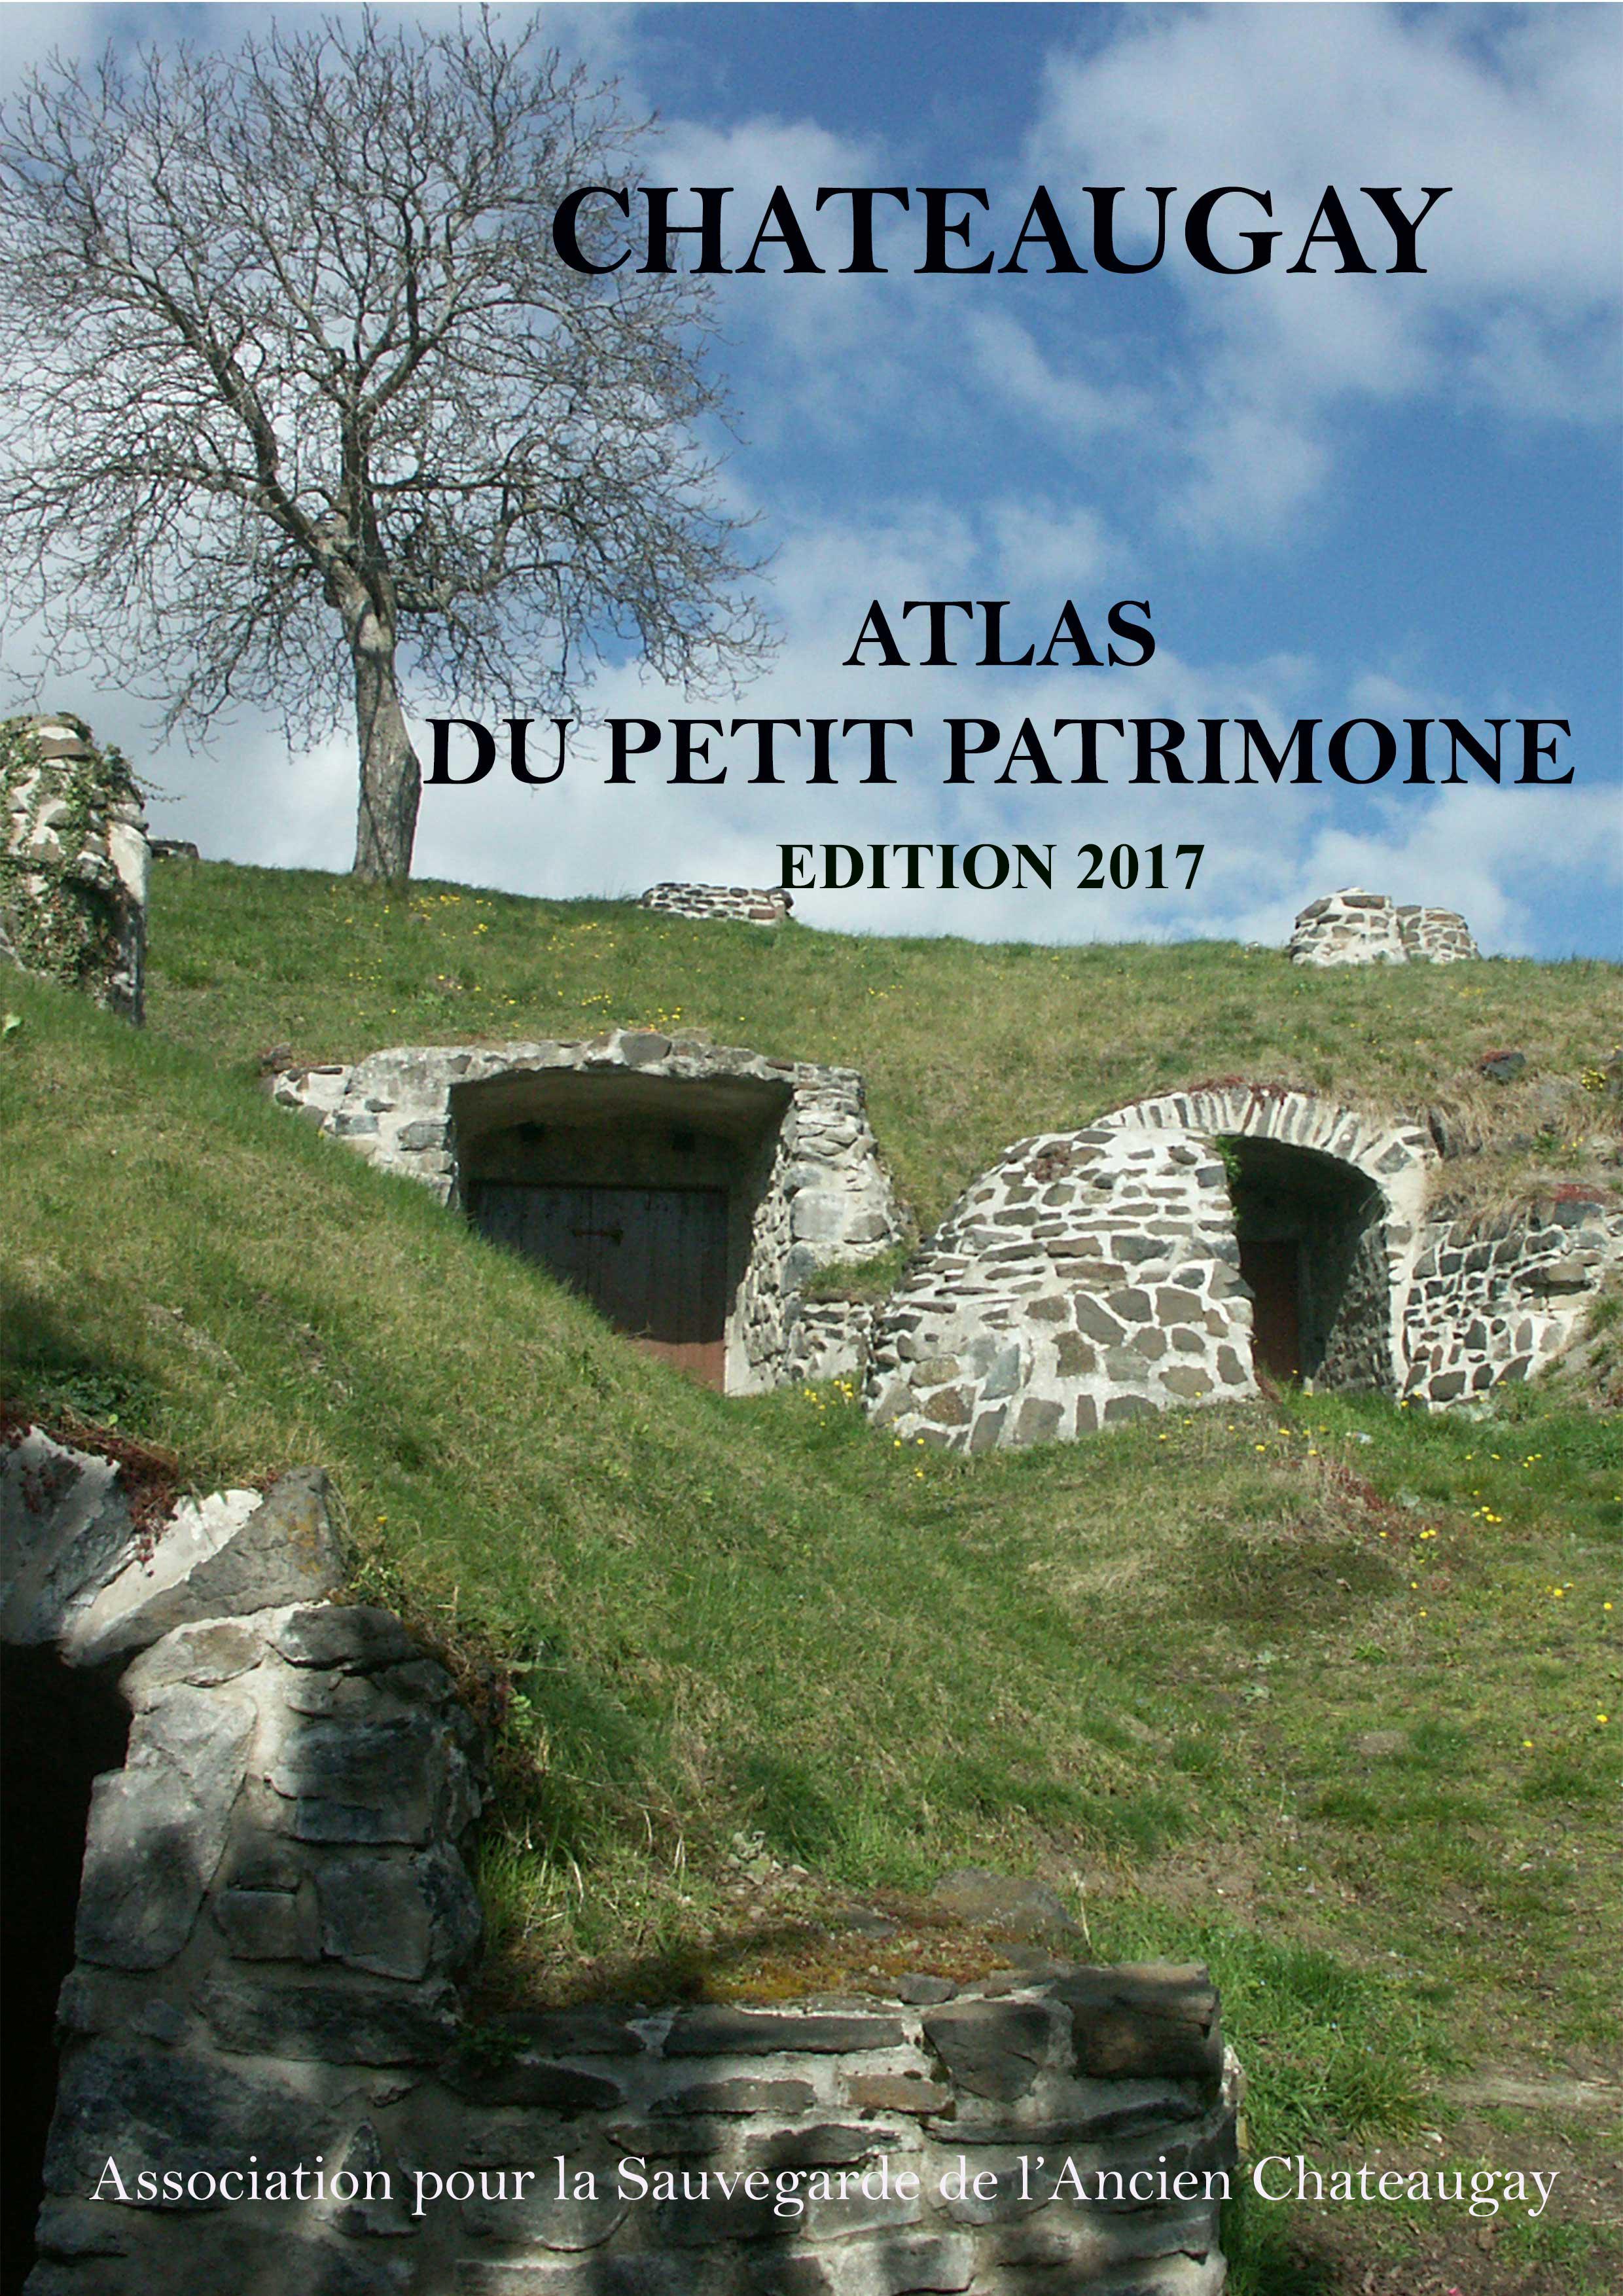 Chateaugay, Atlas du petit patrimoine